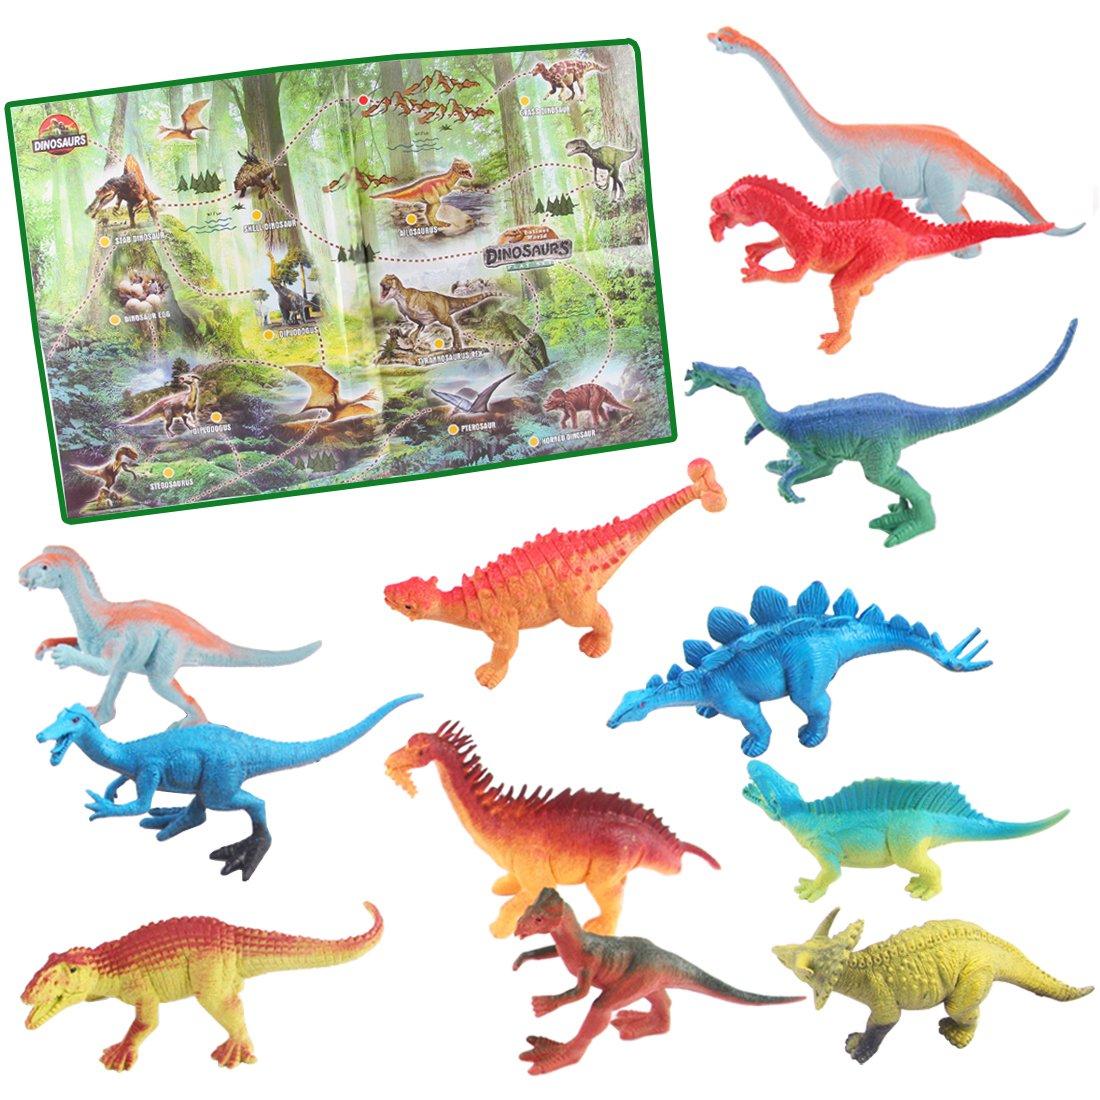 deAO Jurassic Park, Dinosaurier-Spielset- Prehistorische Figuren, Lieferumfang enthält 12 realistische Dinosaurier und Poster DINO-10